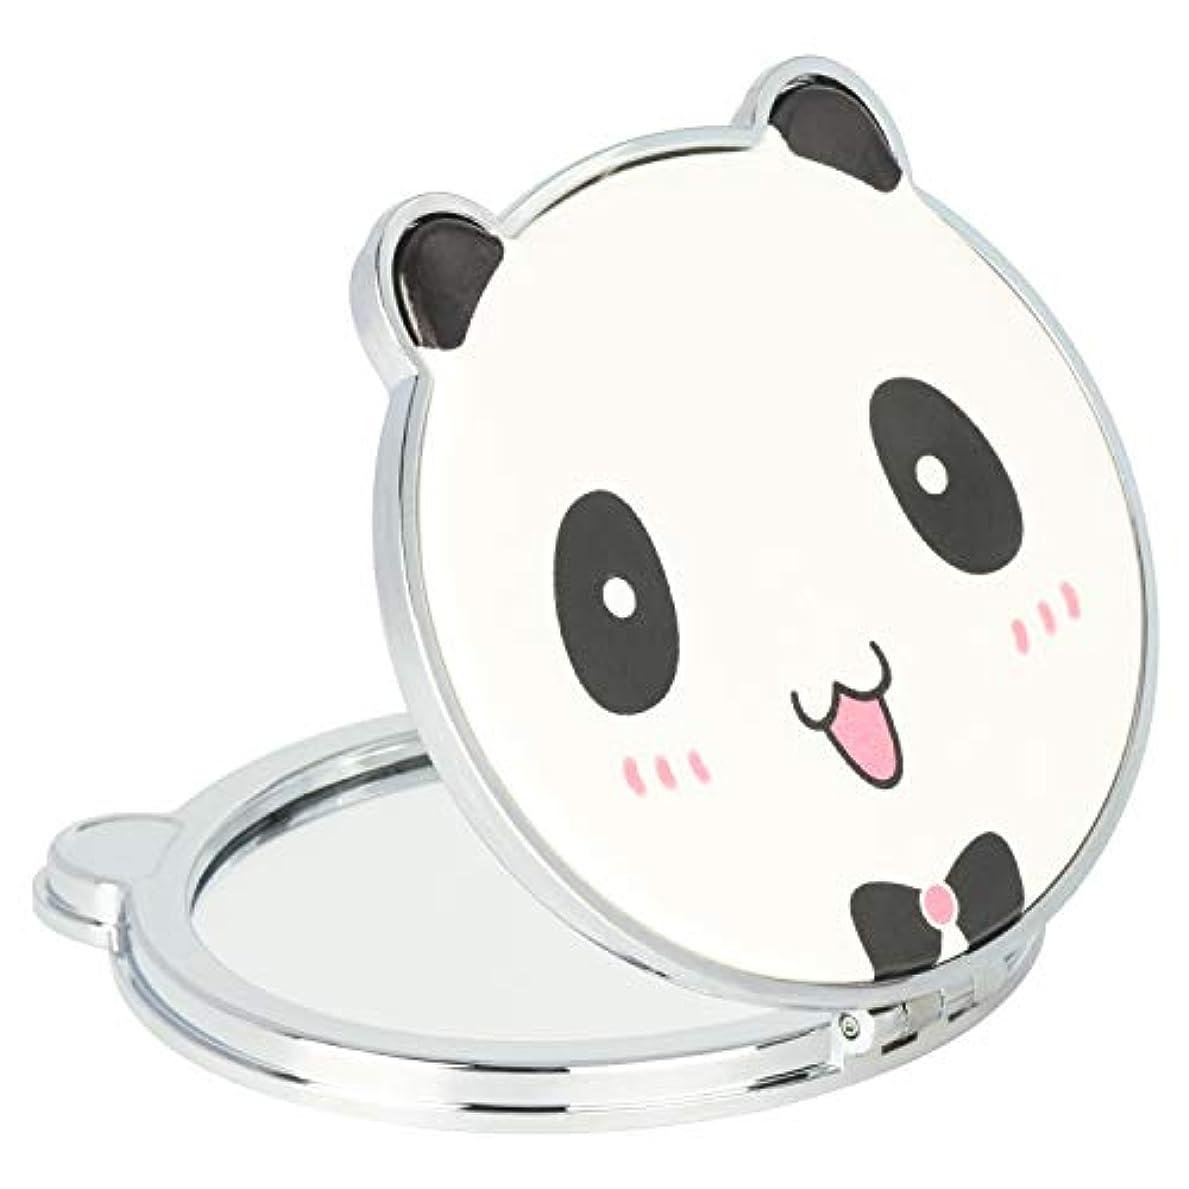 ナラーバー戦略調和のとれたMouyor 両面コンパクトミラー 手鏡 化粧鏡 携帯ミラー ハンドミラー 5倍拡大鏡+等倍鏡 折りたたみ (くまの形-X4)